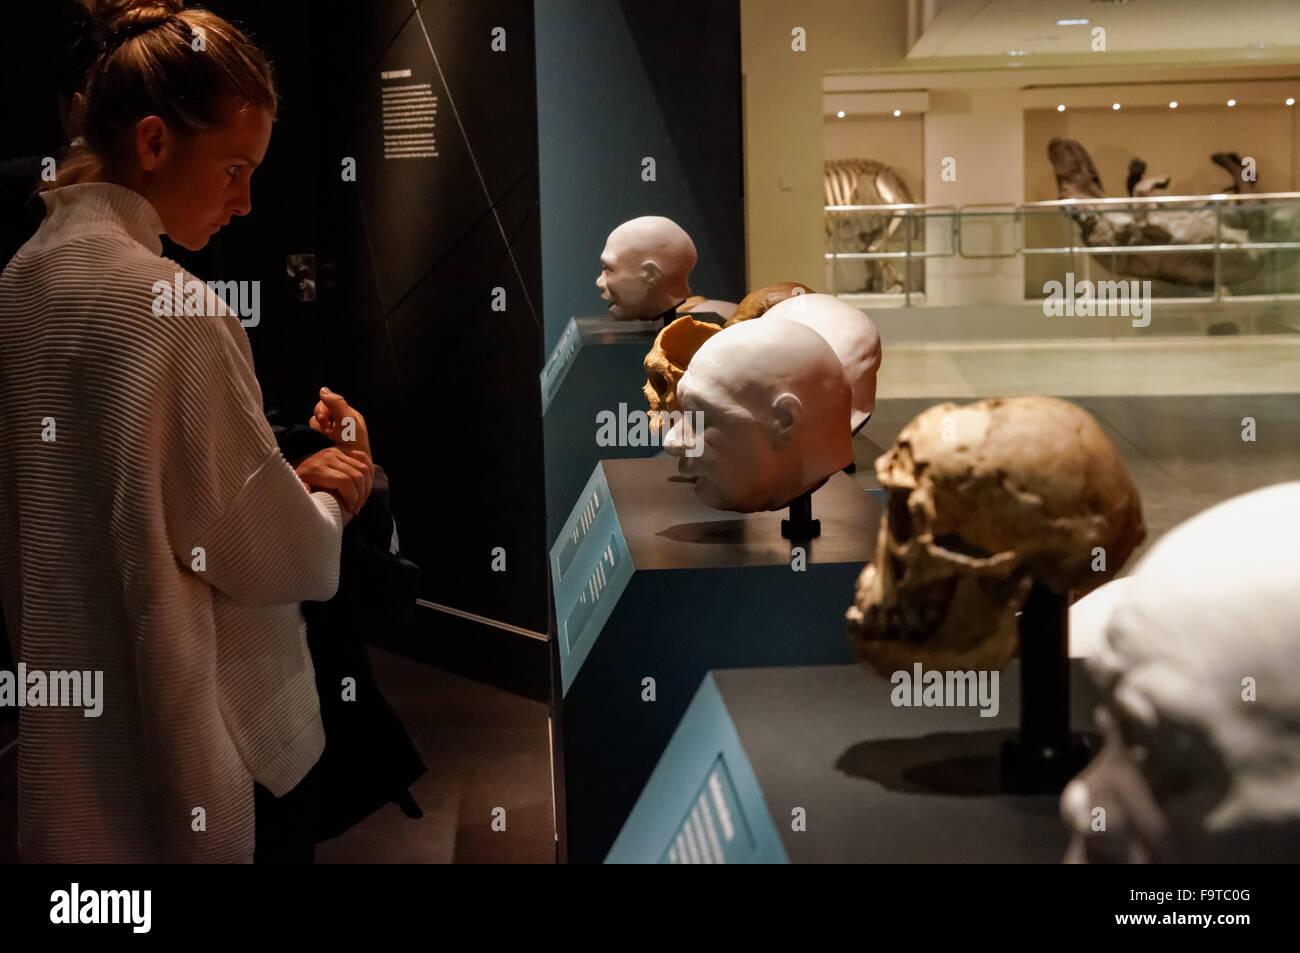 Human anatomy museum